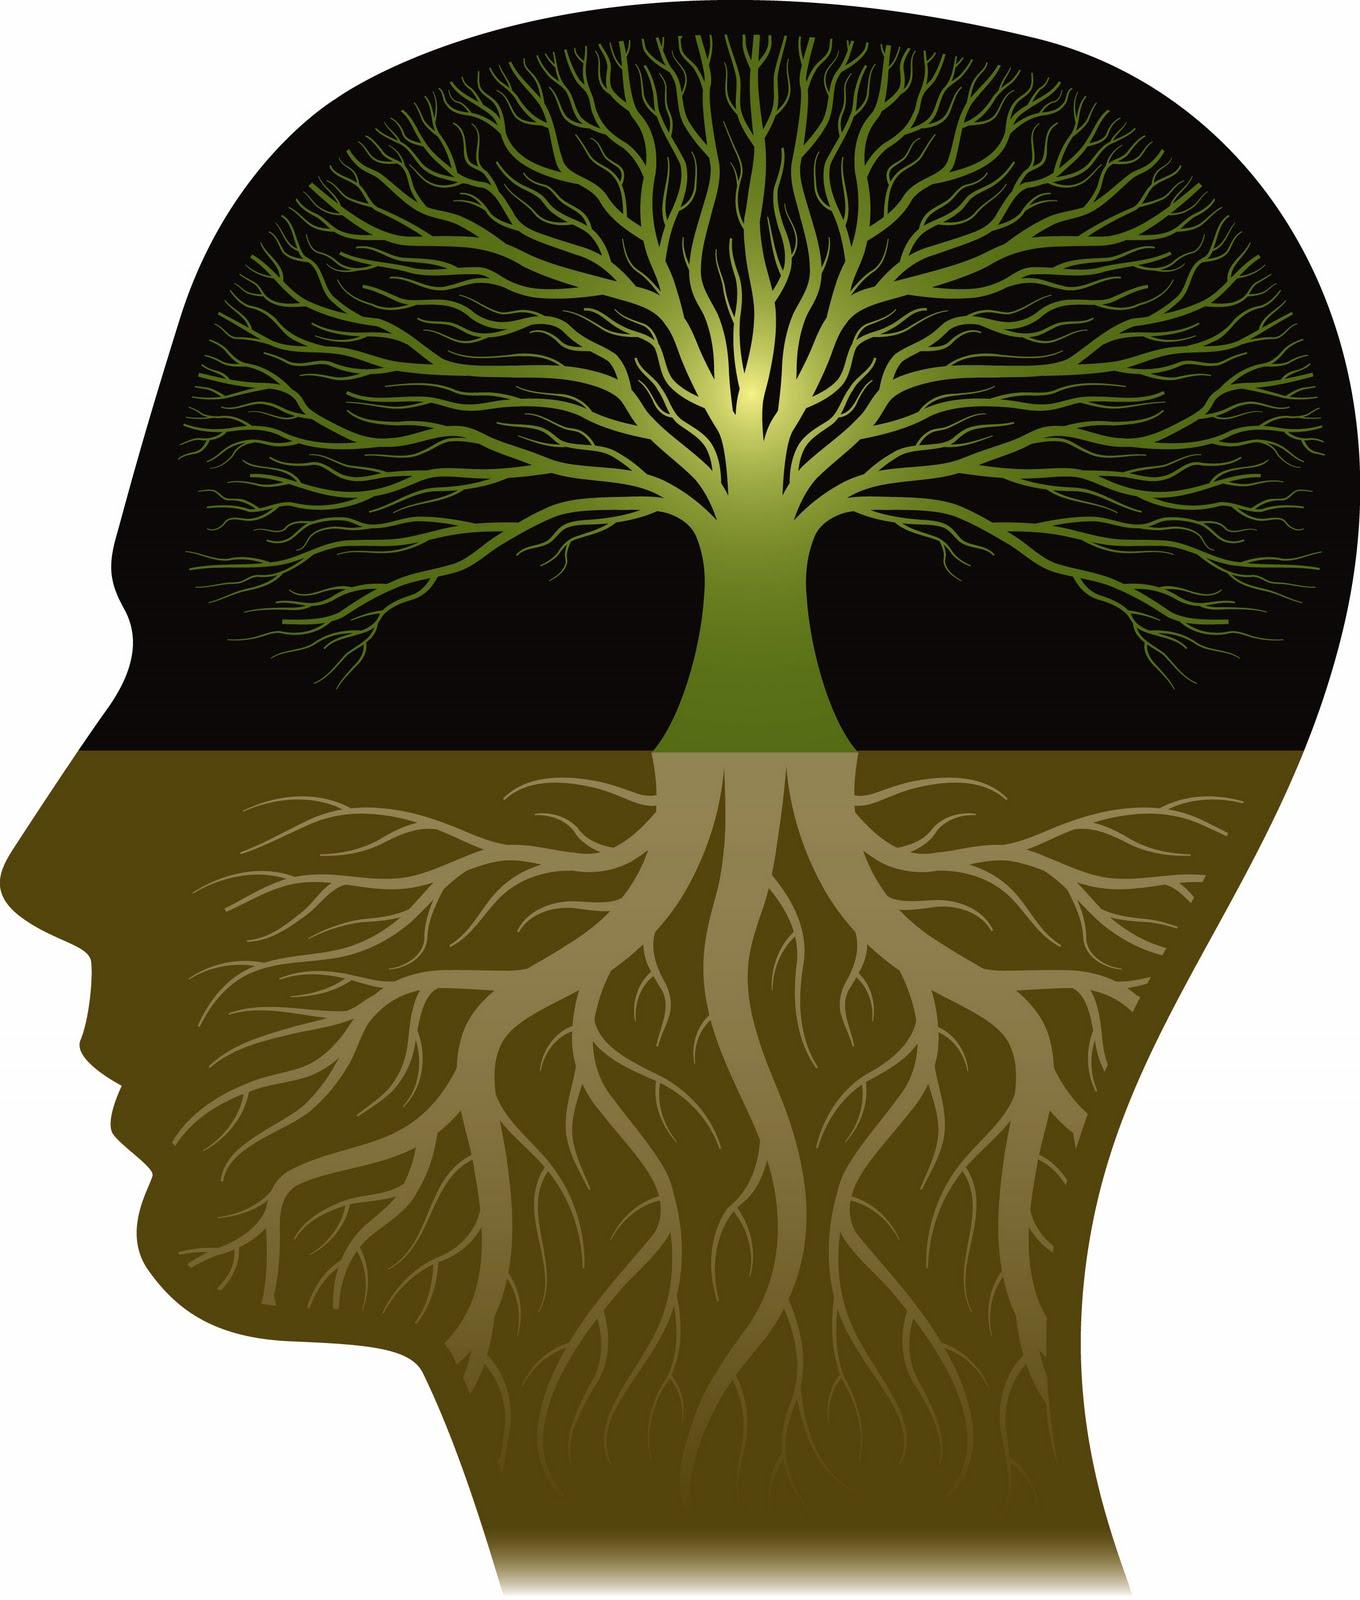 صور تعريف الشخصية المركبة فى علم النفس